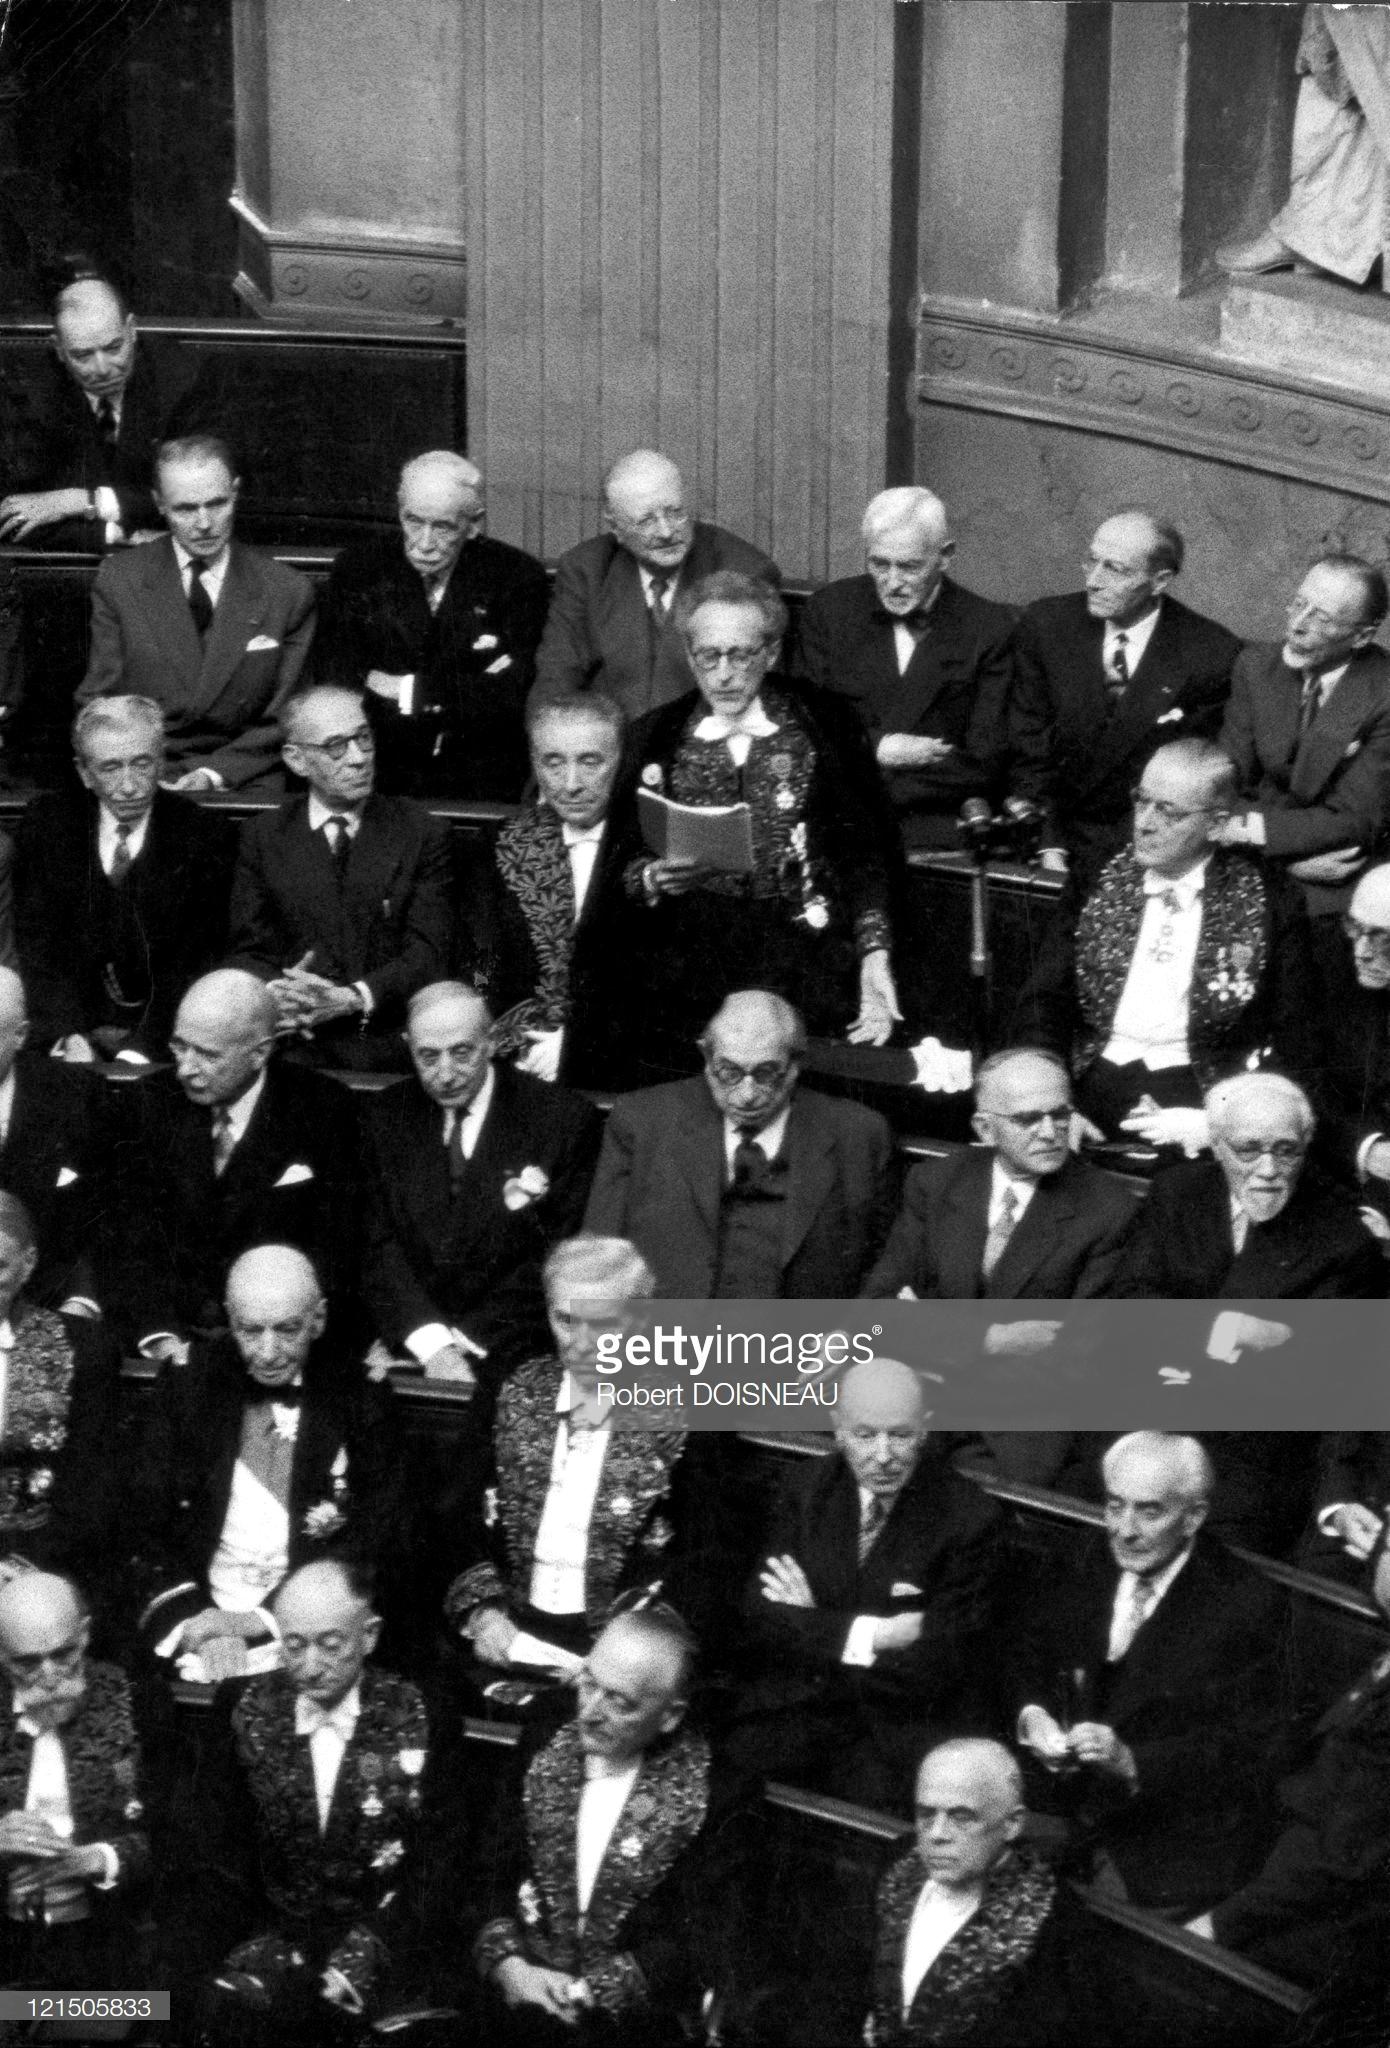 1955. Жан Кокто читает приветственную речь во Французской Академии